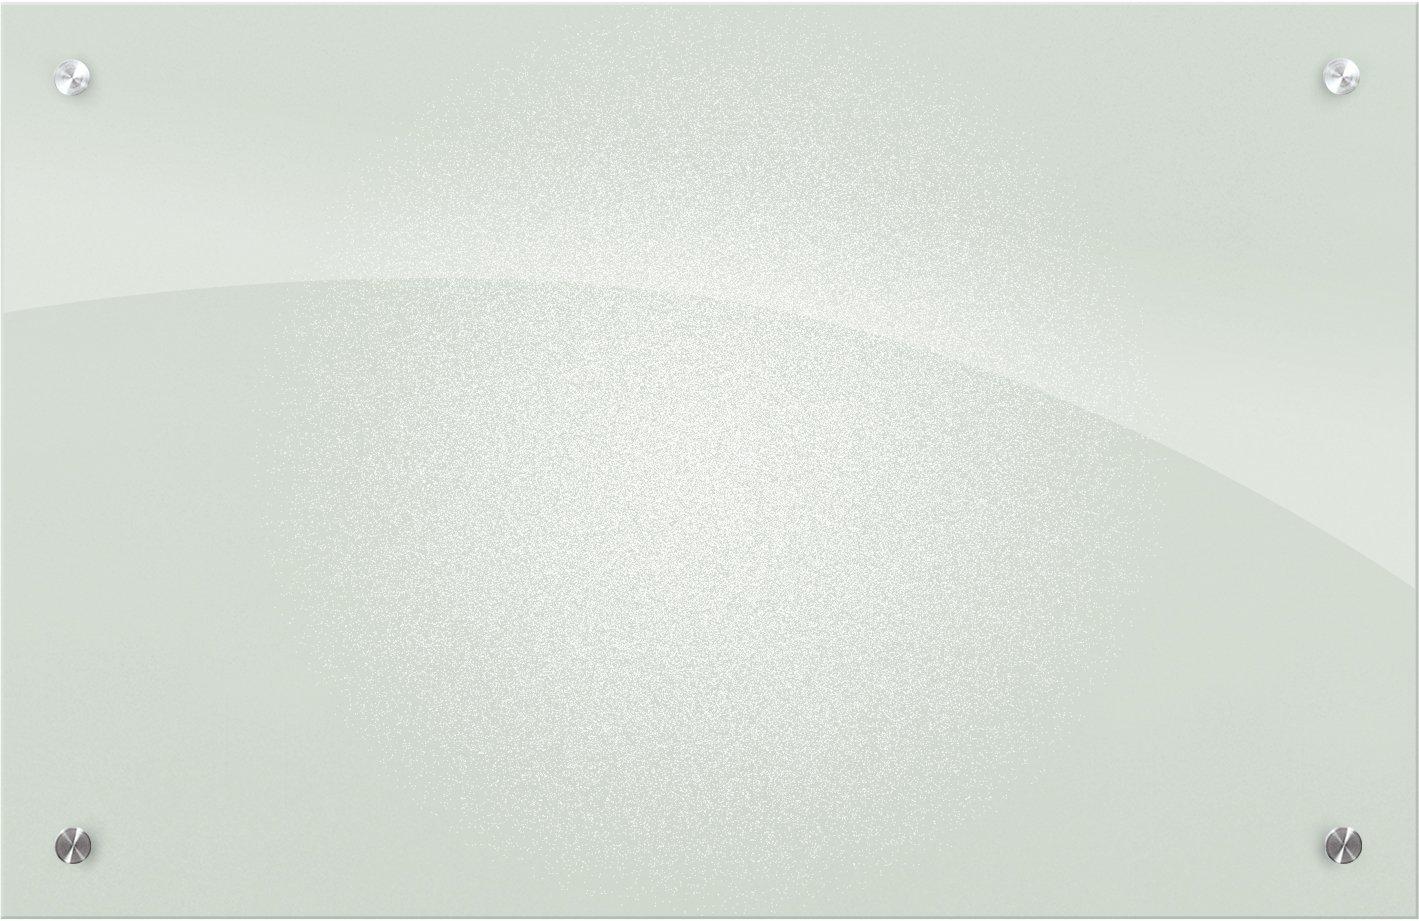 BOARD,3X4,ENLIGHTEN,PR B008R1TRTE 3 x 4 Feet|Frosted Pearl Frosted Pearl 3 x 4 Feet